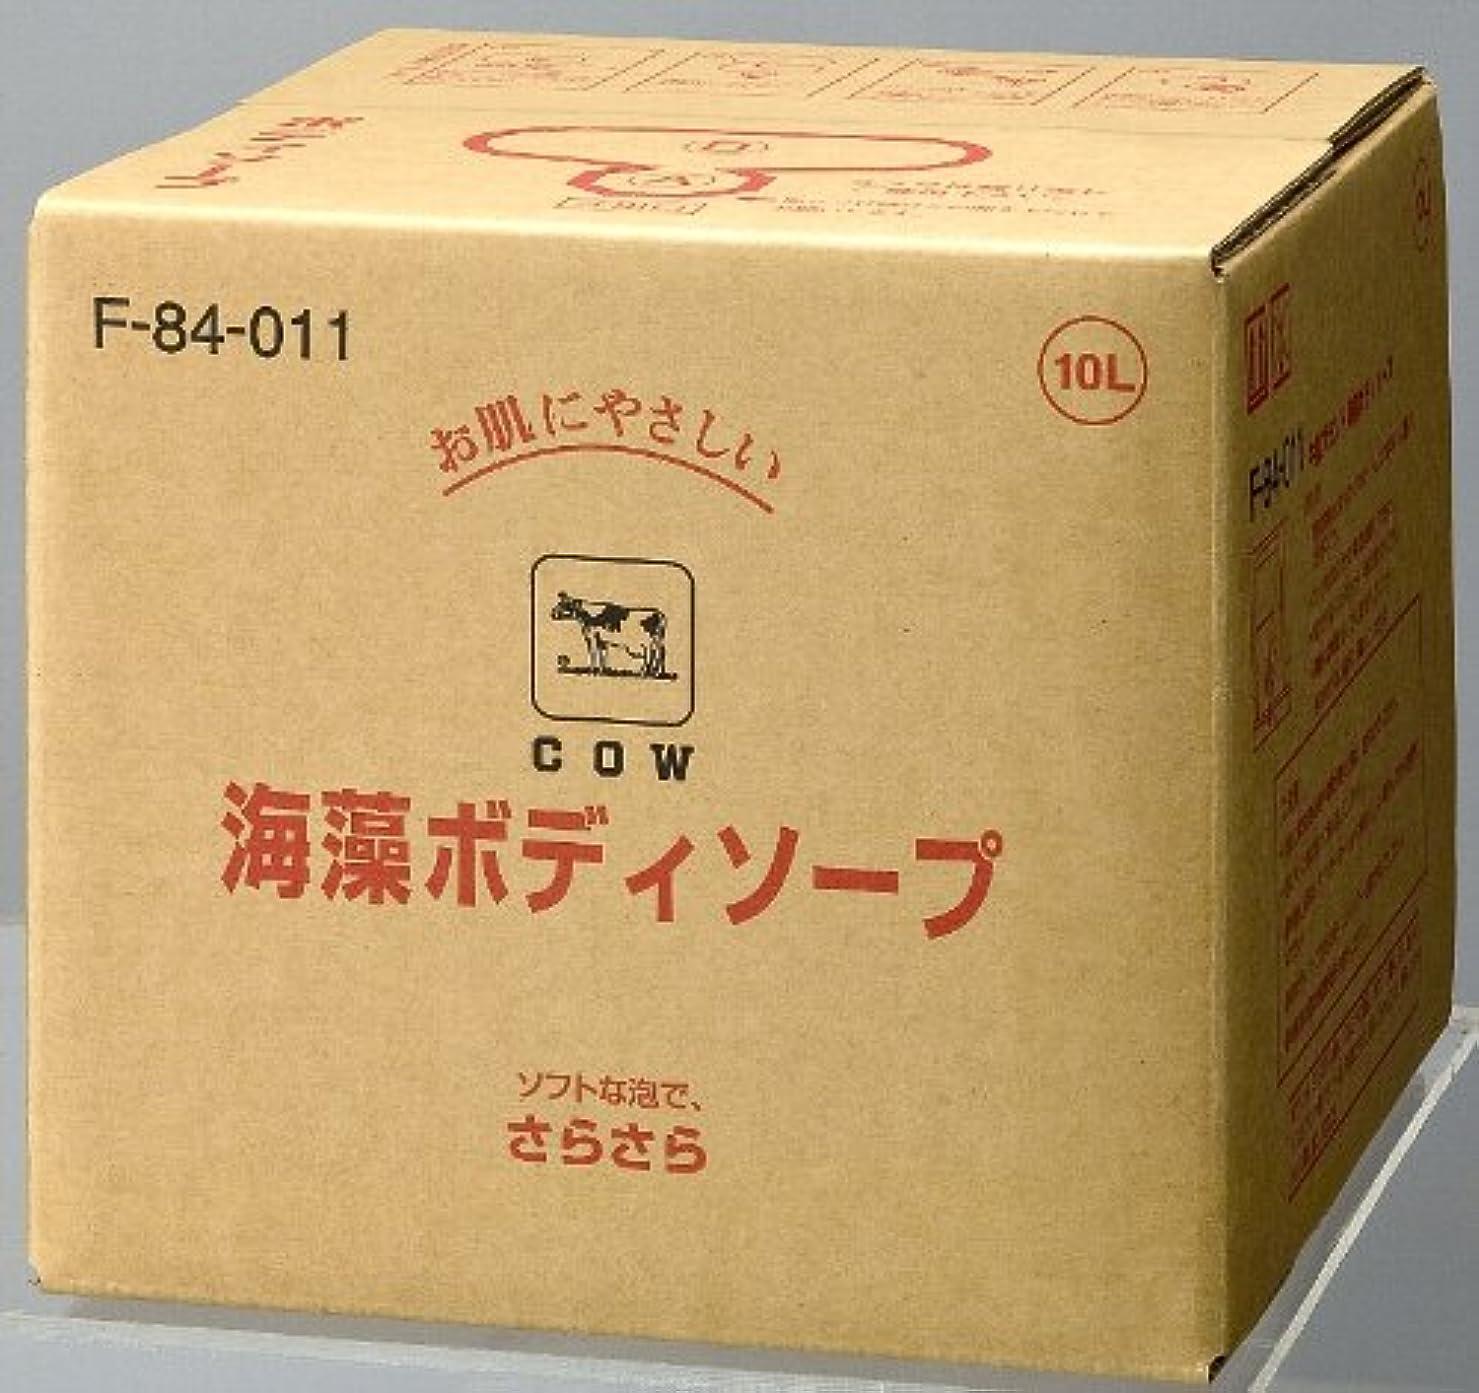 ヤギ砦スティーブンソン【業務用】カウブランド海藻ボディソープ 10L